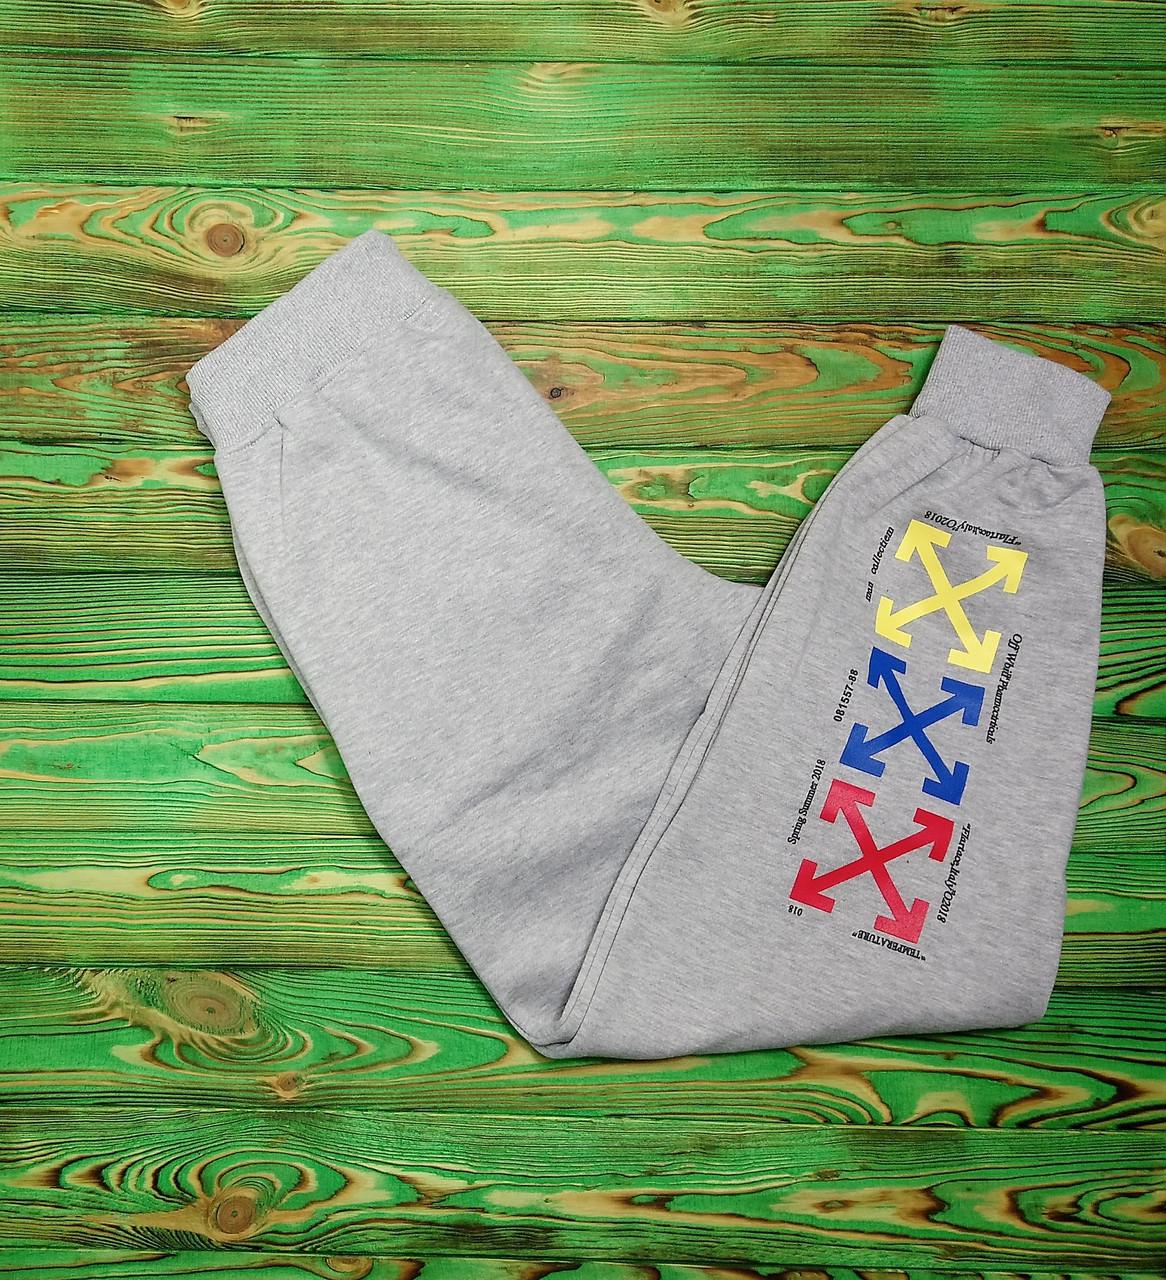 Штаны мужские - спортивные в стиле OFF-White temperature (разноцветные кресты) серый